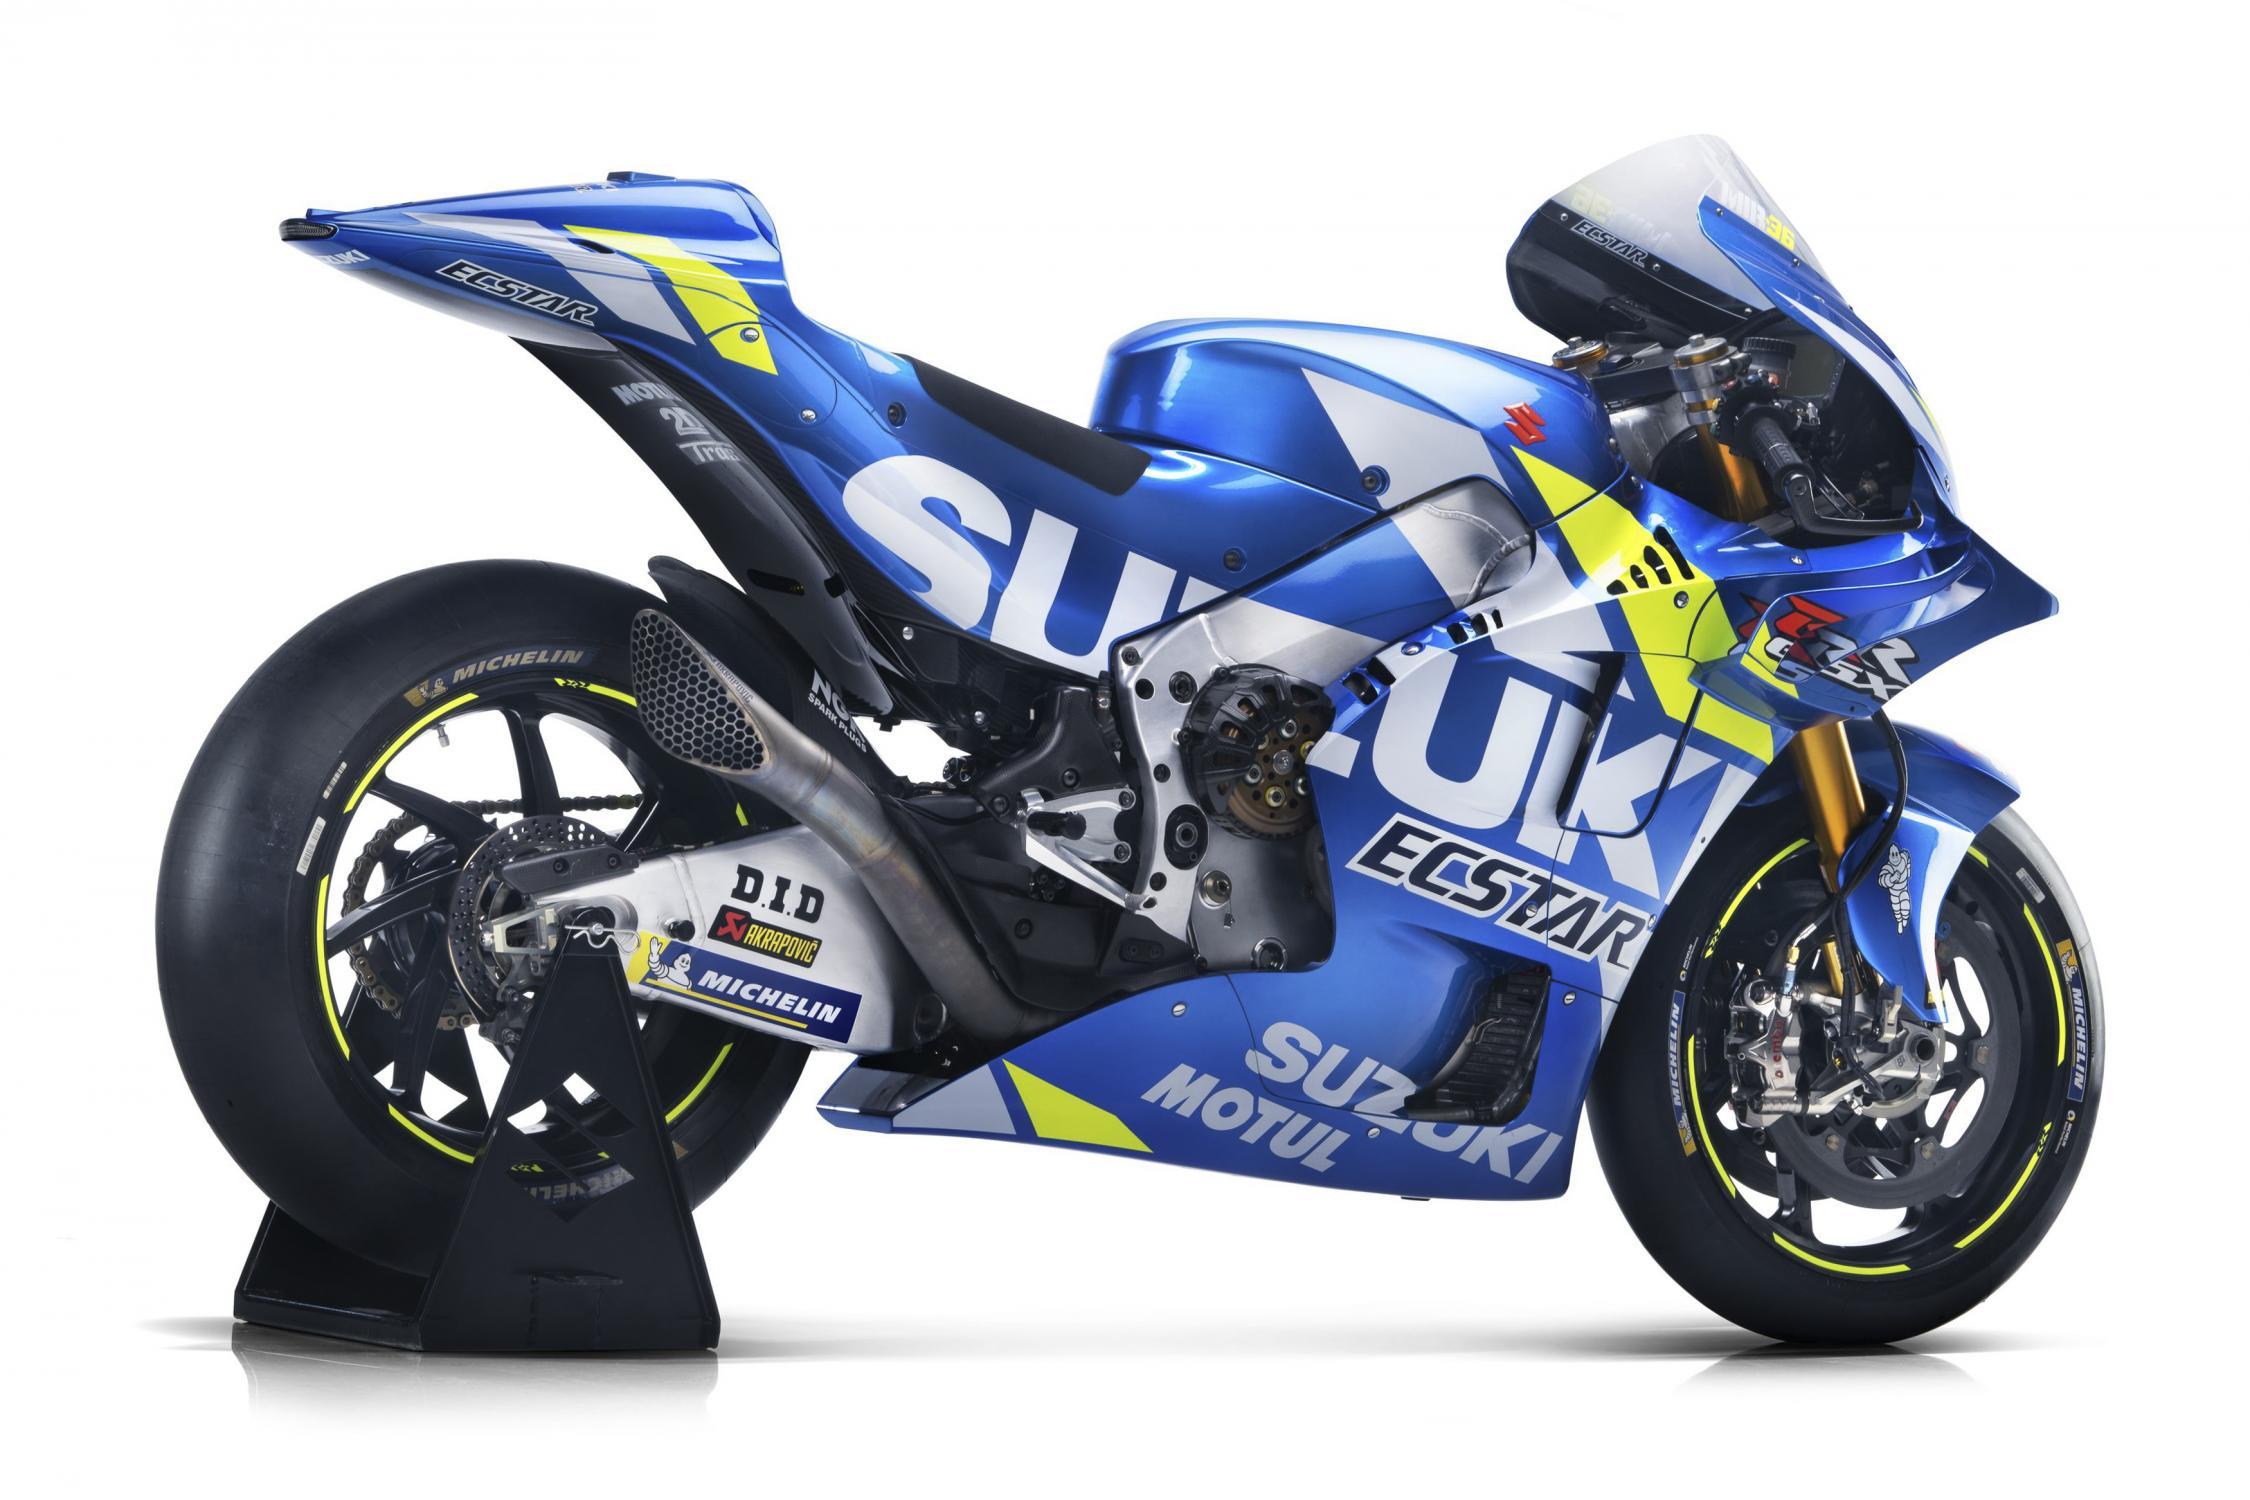 MotoGP 2019: Team Suzuki Ecstar Reveals 2019 Suzuki GSX-RR - BikesRepublic